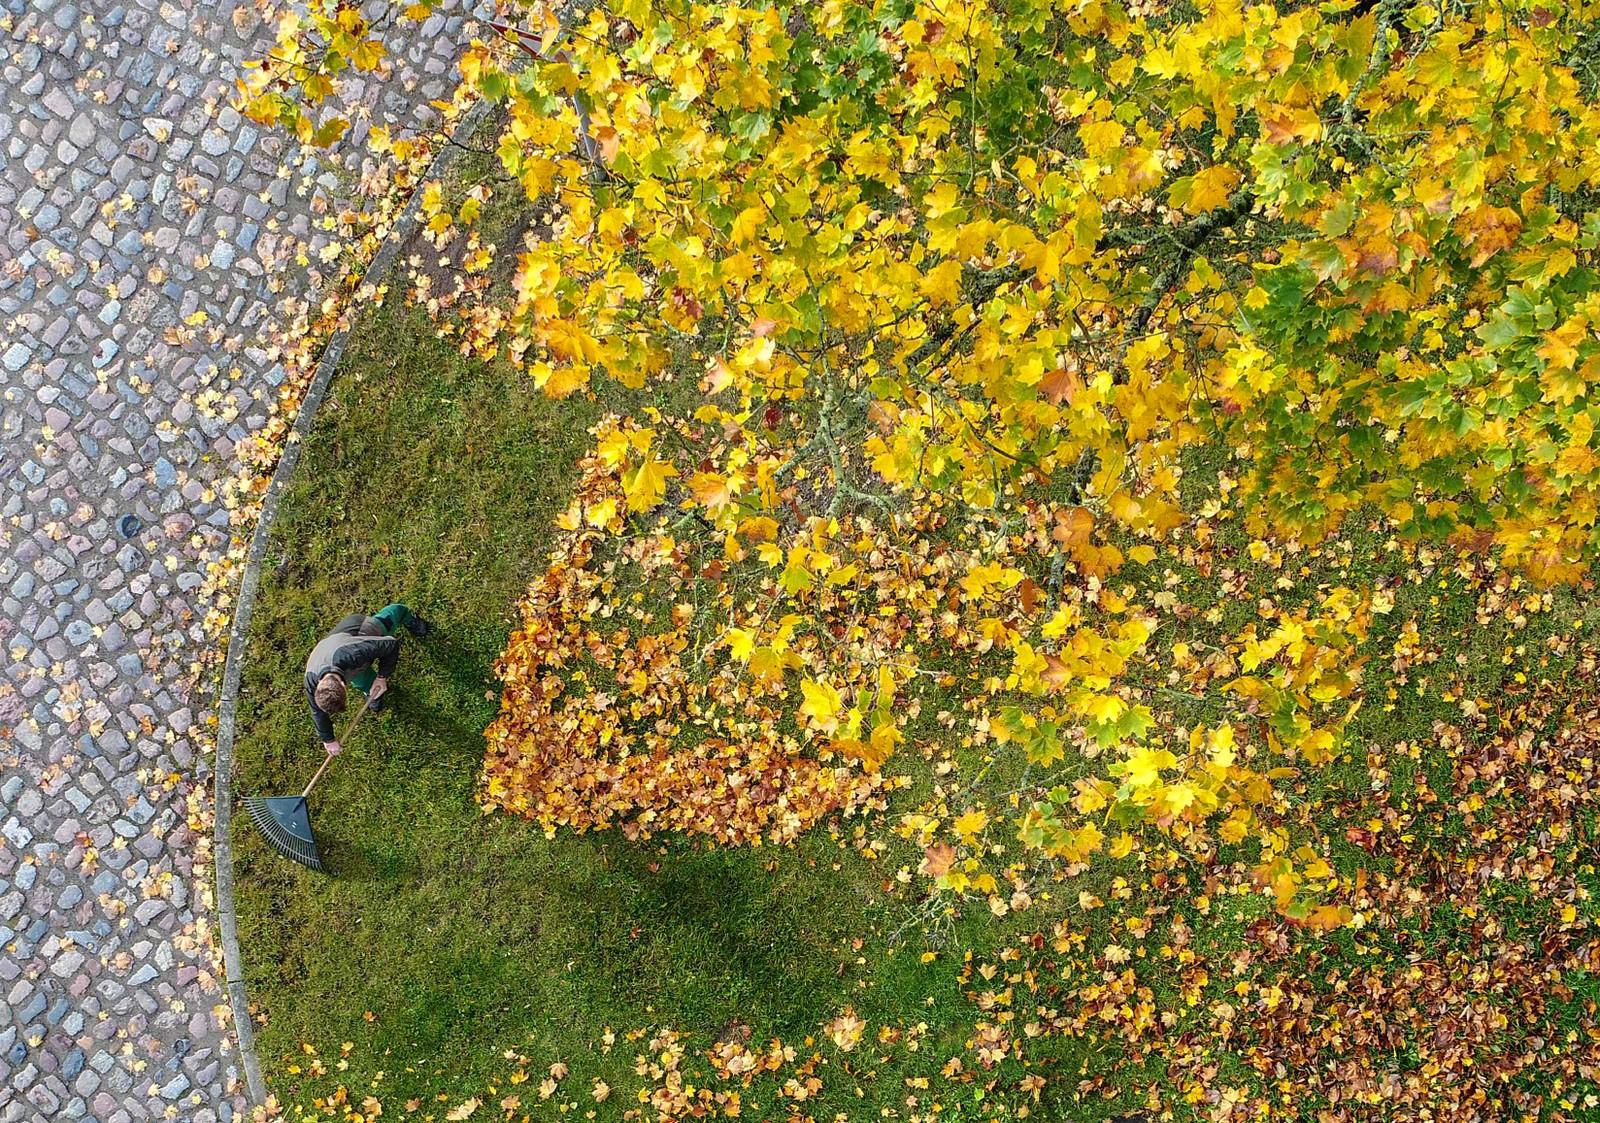 Høst i Sieversdorf i Tyskland. Bilde ble tatt med hjelp av en drone.